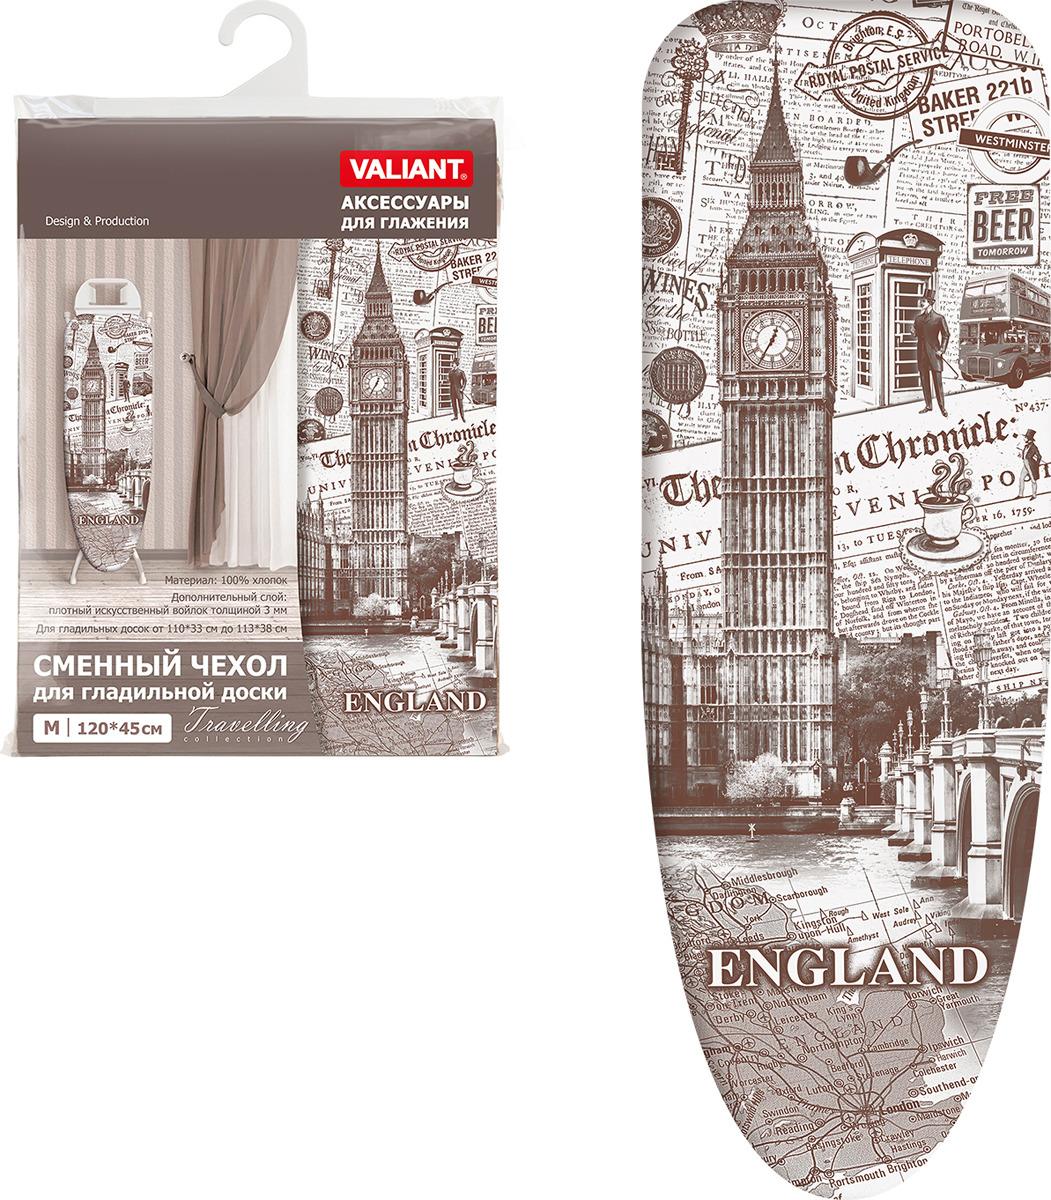 Чехол для гладильной доски Valiant Travelling England, цвет: светло-коричневый, 120 х 45 см цена и фото